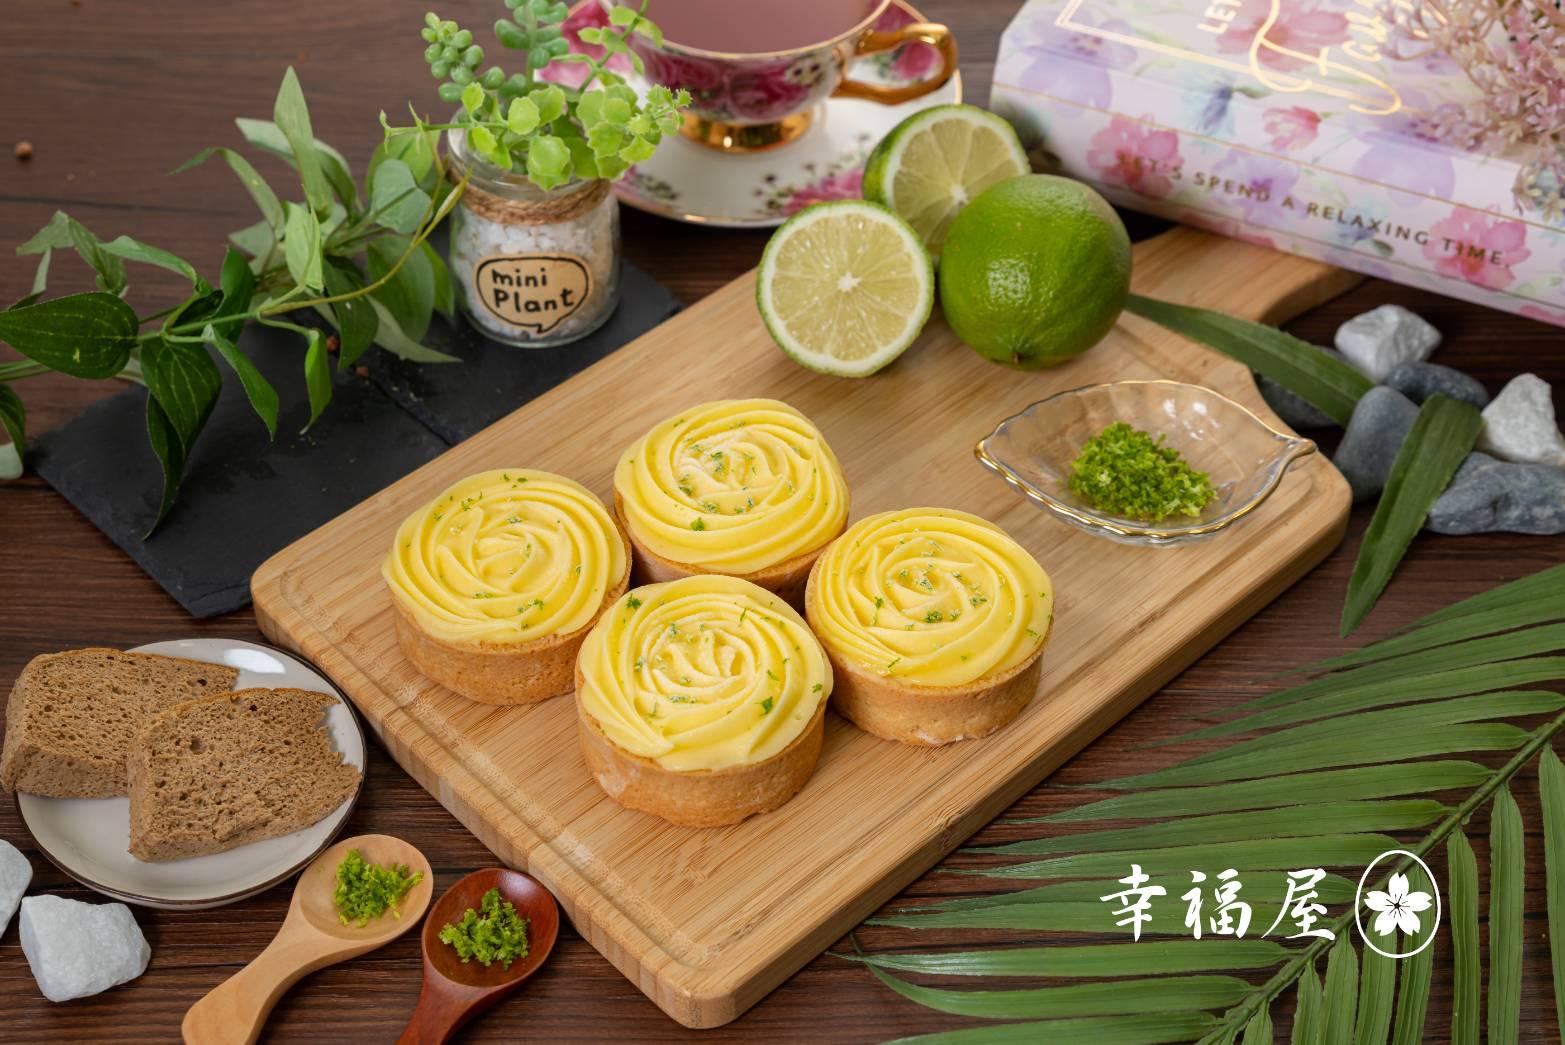 幸福屋-日式輕乳酪專賣 玫瑰檸檬塔 伴手禮~彌月蛋糕~團購美食